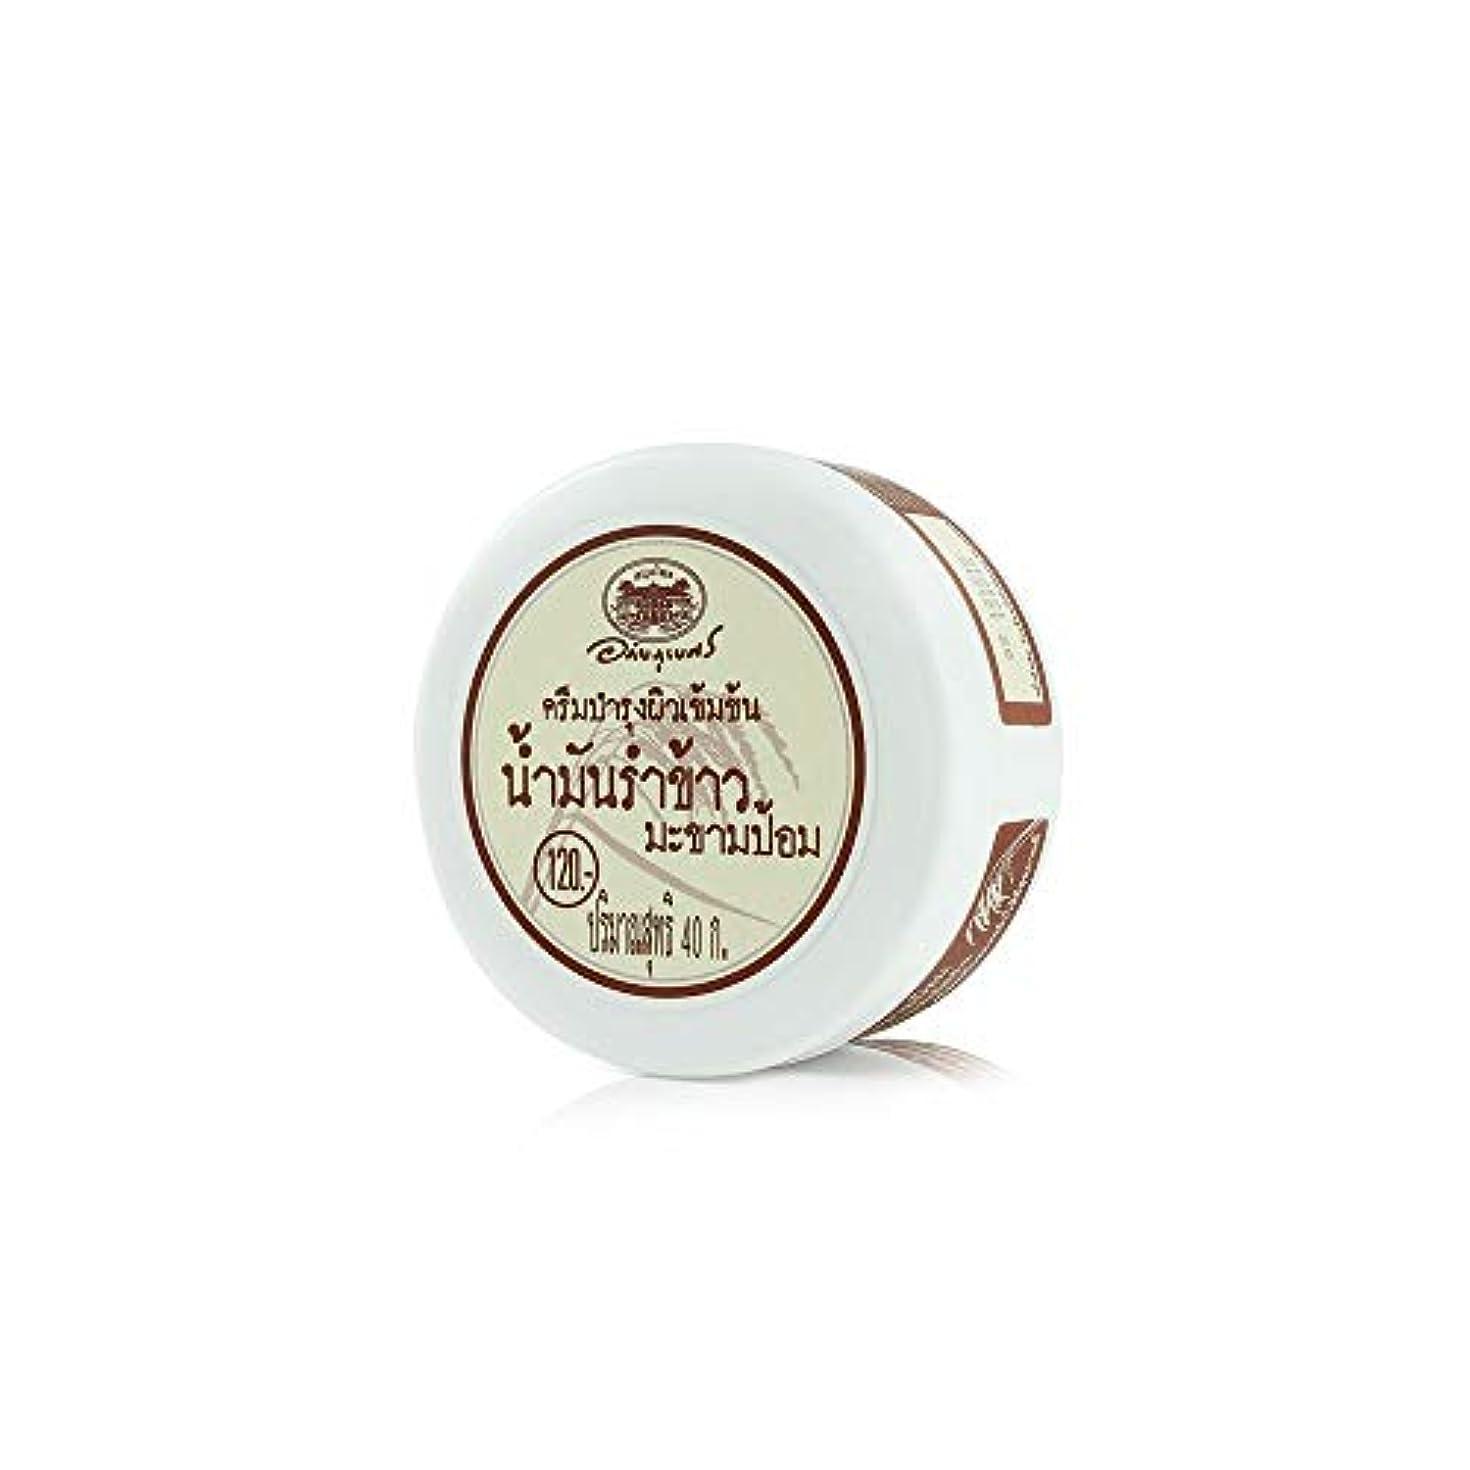 みすぼらしいスペクトラム令状Abhaibhubejhr Rice Bran Oil Plus Tamarind Extract Herbal Body Cream 40g. Abhaibhubejhrライスブランオイルプラスタマリンドエクストラクトハーブボディクリーム40g。